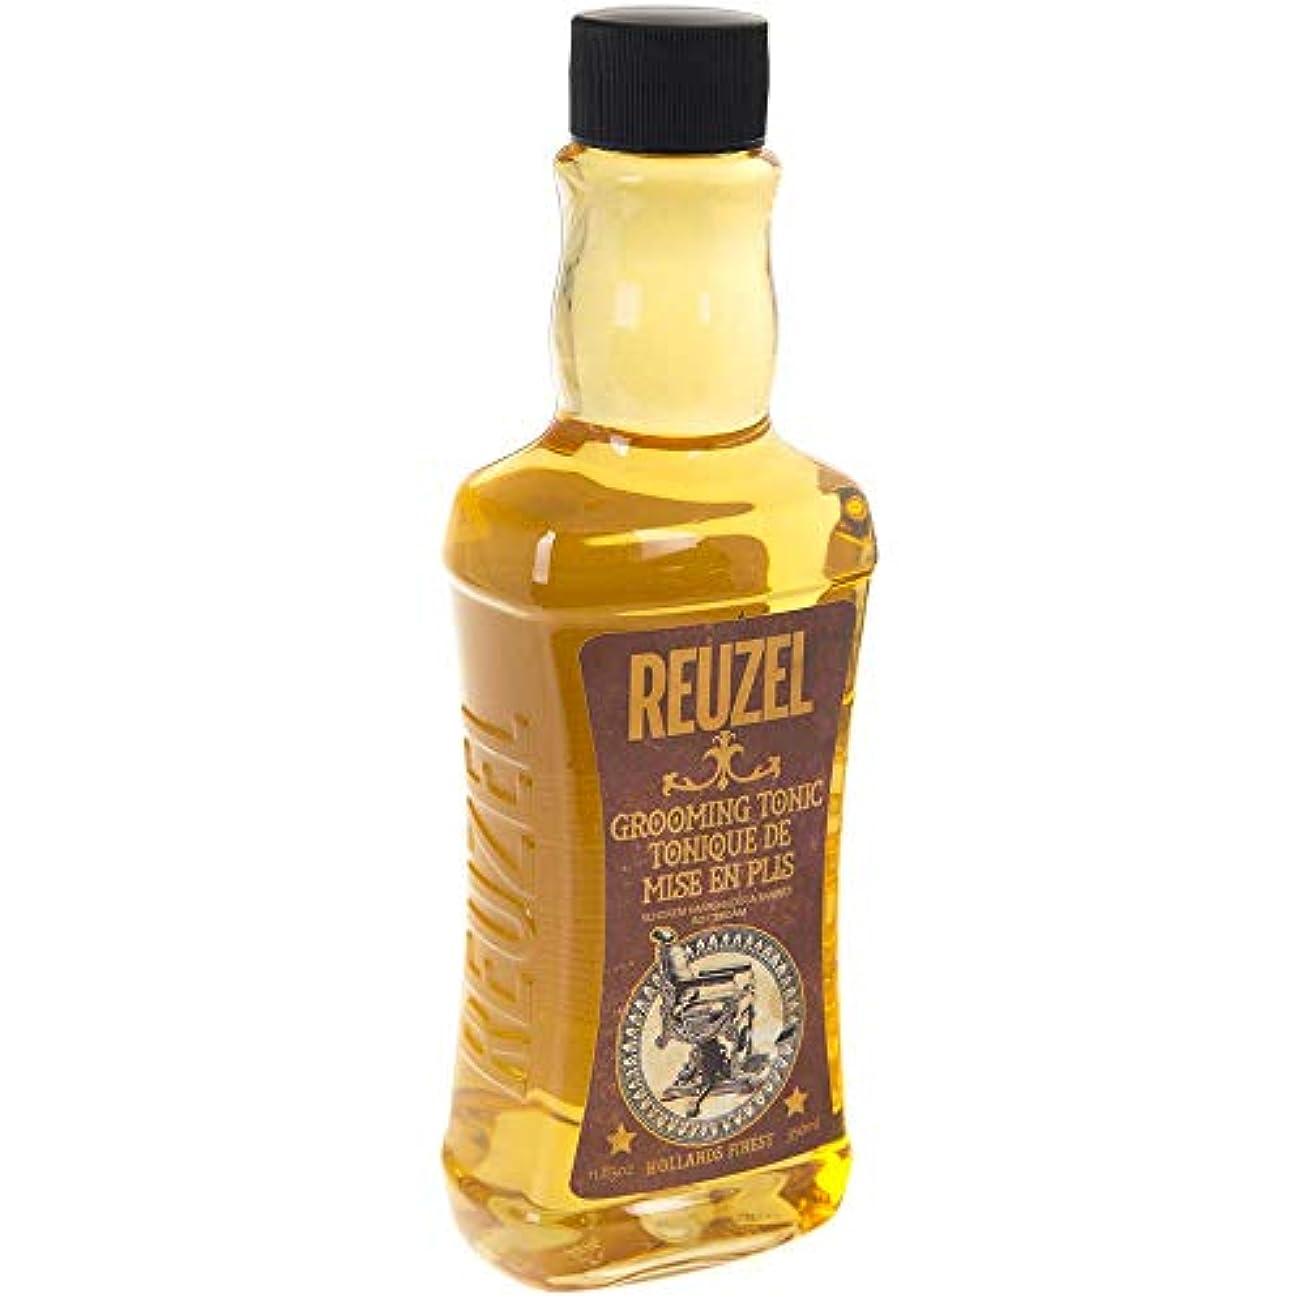 がんばり続ける上院冒険家ルーゾー グルーミング トニック Reuzel Grooming Tonic 350 ml [並行輸入品]